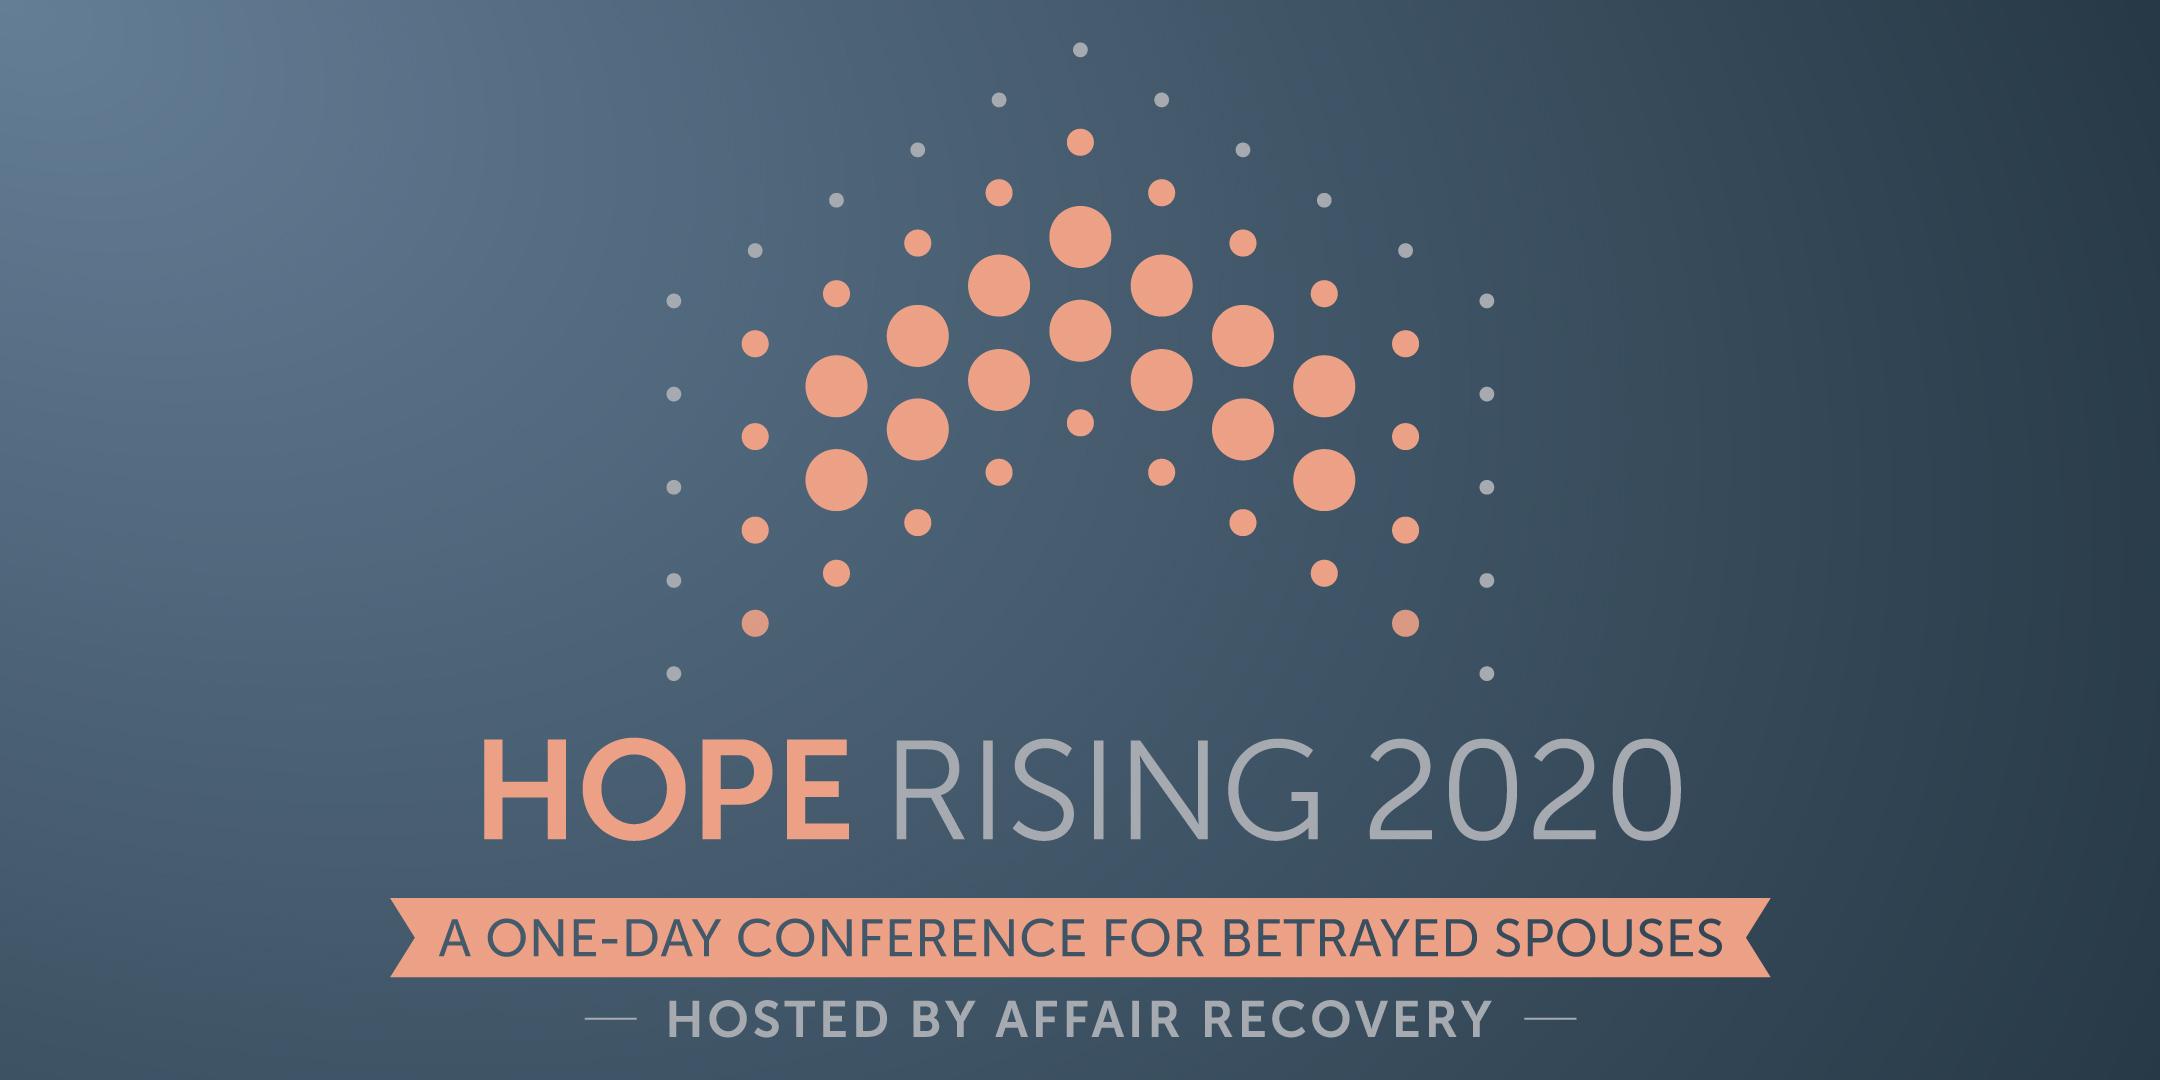 Hope Rising 2020